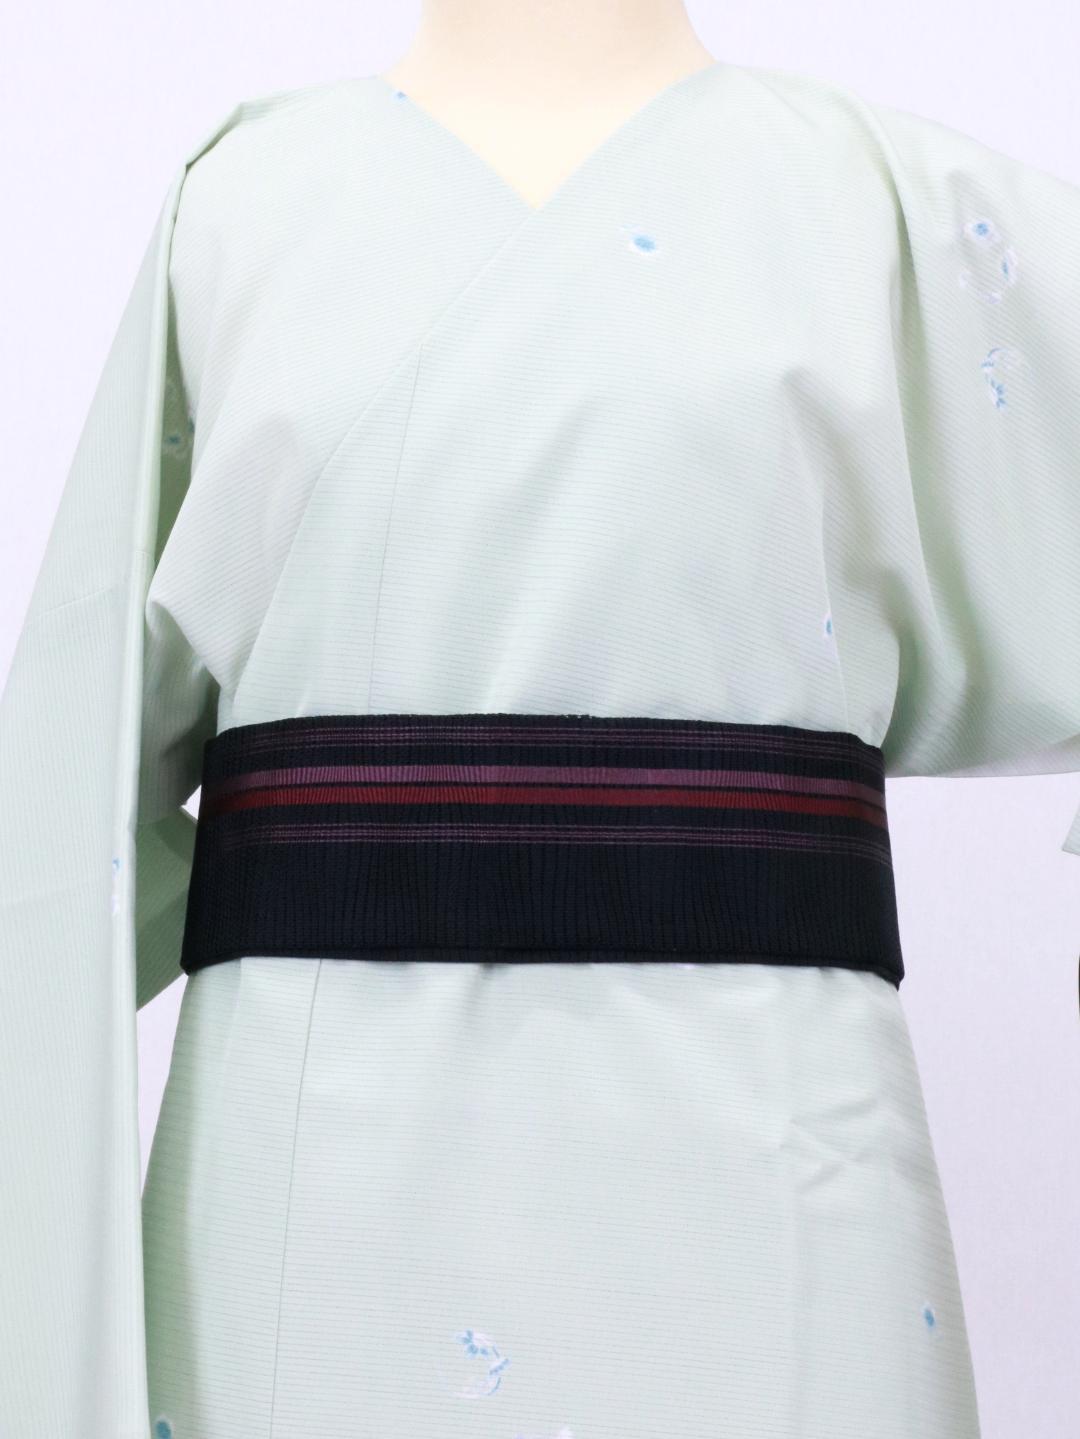 【日本製】 9cmリボン帯(夏京袋)[24][Lサイズ]画像